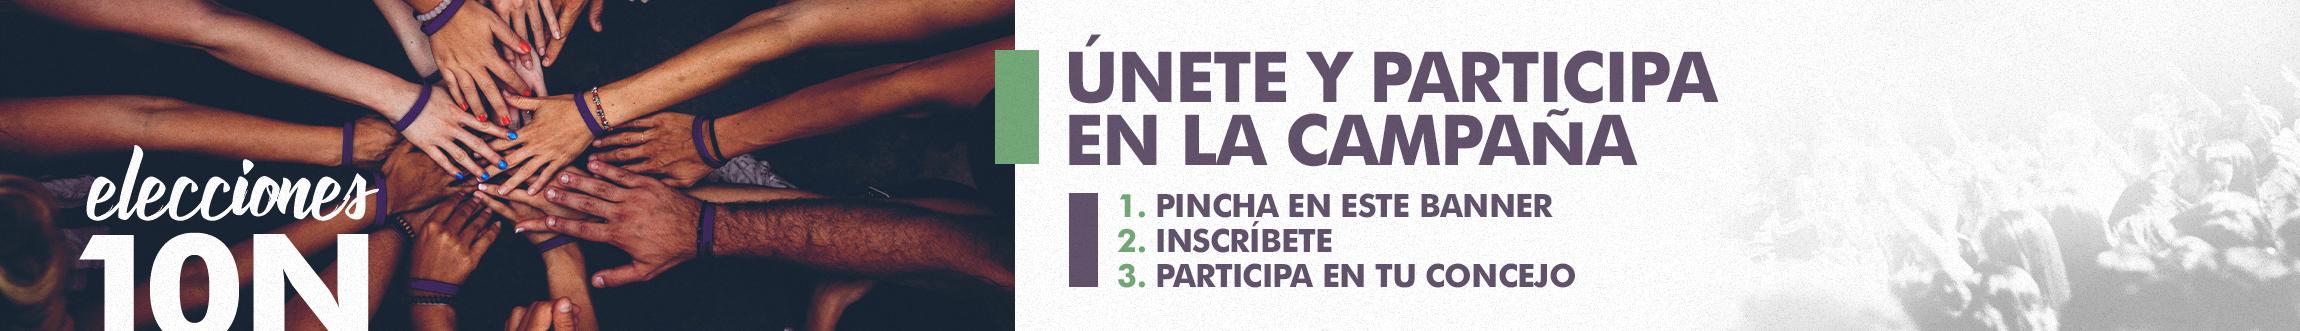 VOLUNTARIADO PARA LA CAMPAÑA ELECTORAL DEL 10N - ASTURIAS